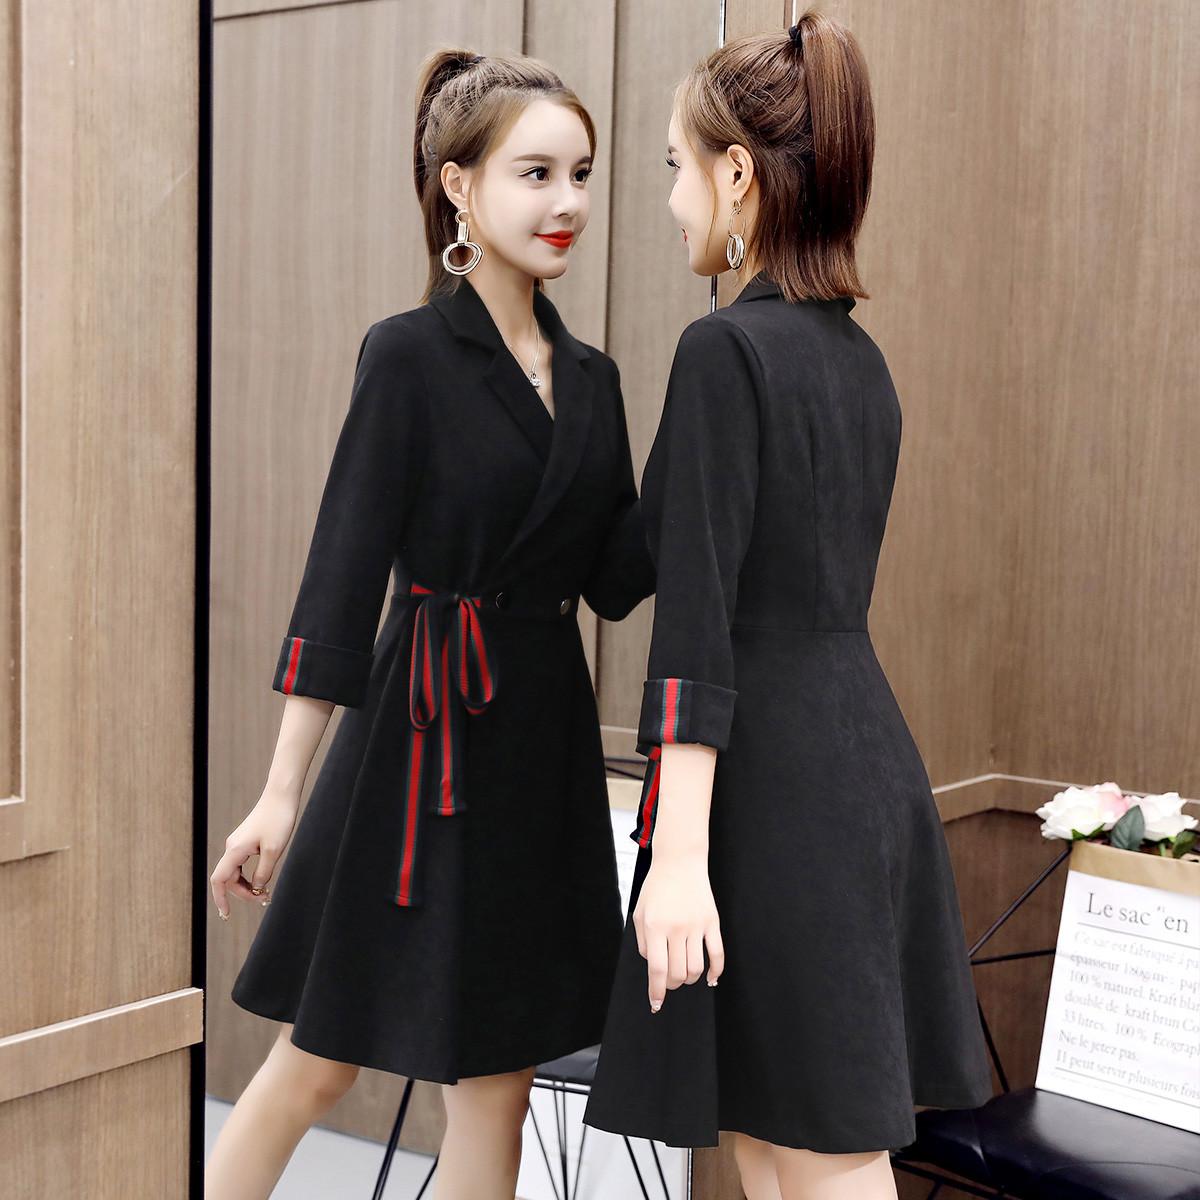 唯依◆沫系列品牌折扣女装连衣裙式外套女款中长款风衣11.2冬